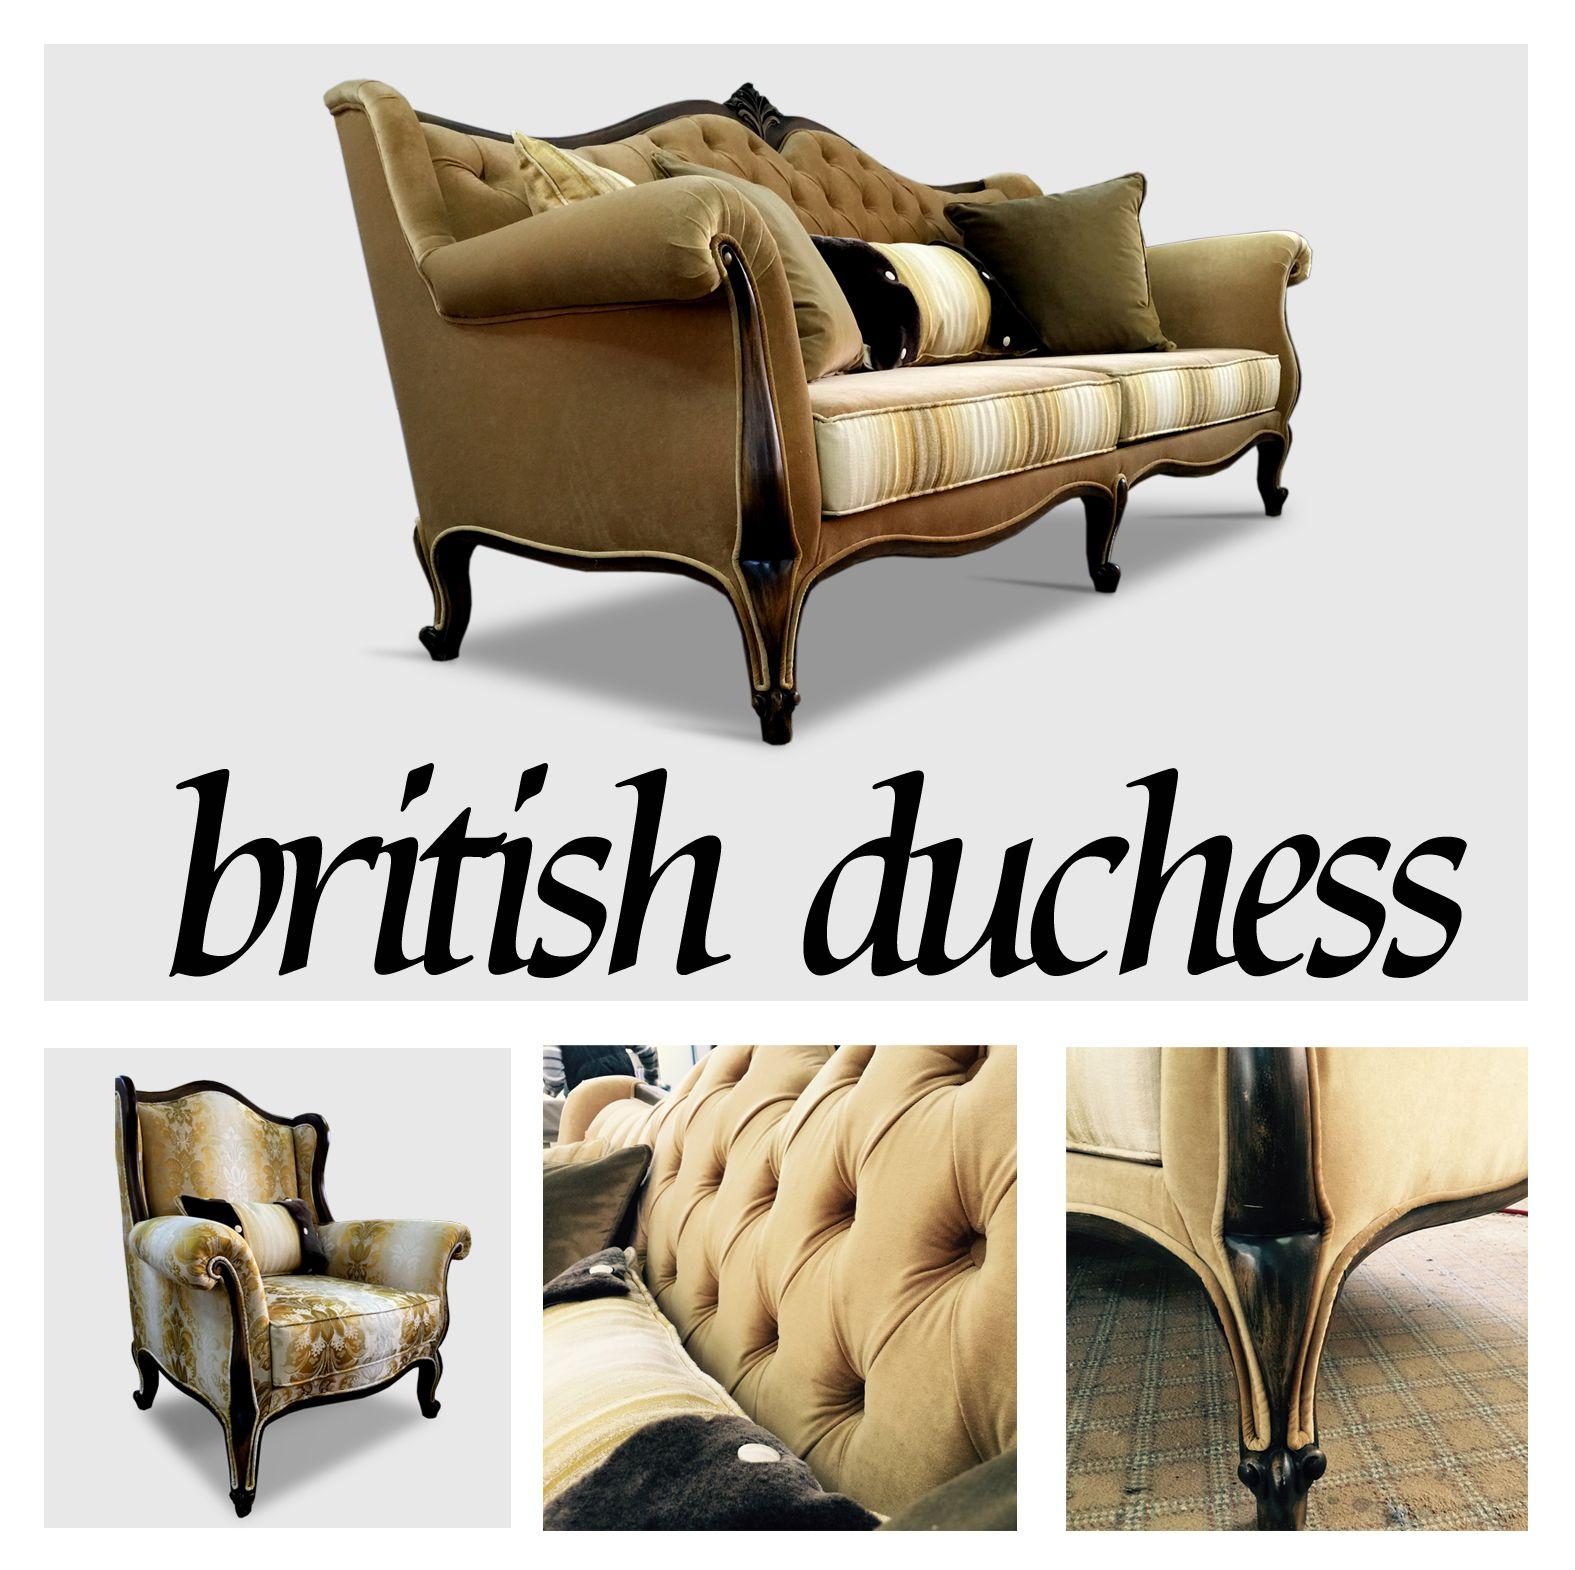 Yatak olabilen tekli koltuk fiyatlar quotes - British Duchess Kanepe Ve Tekli